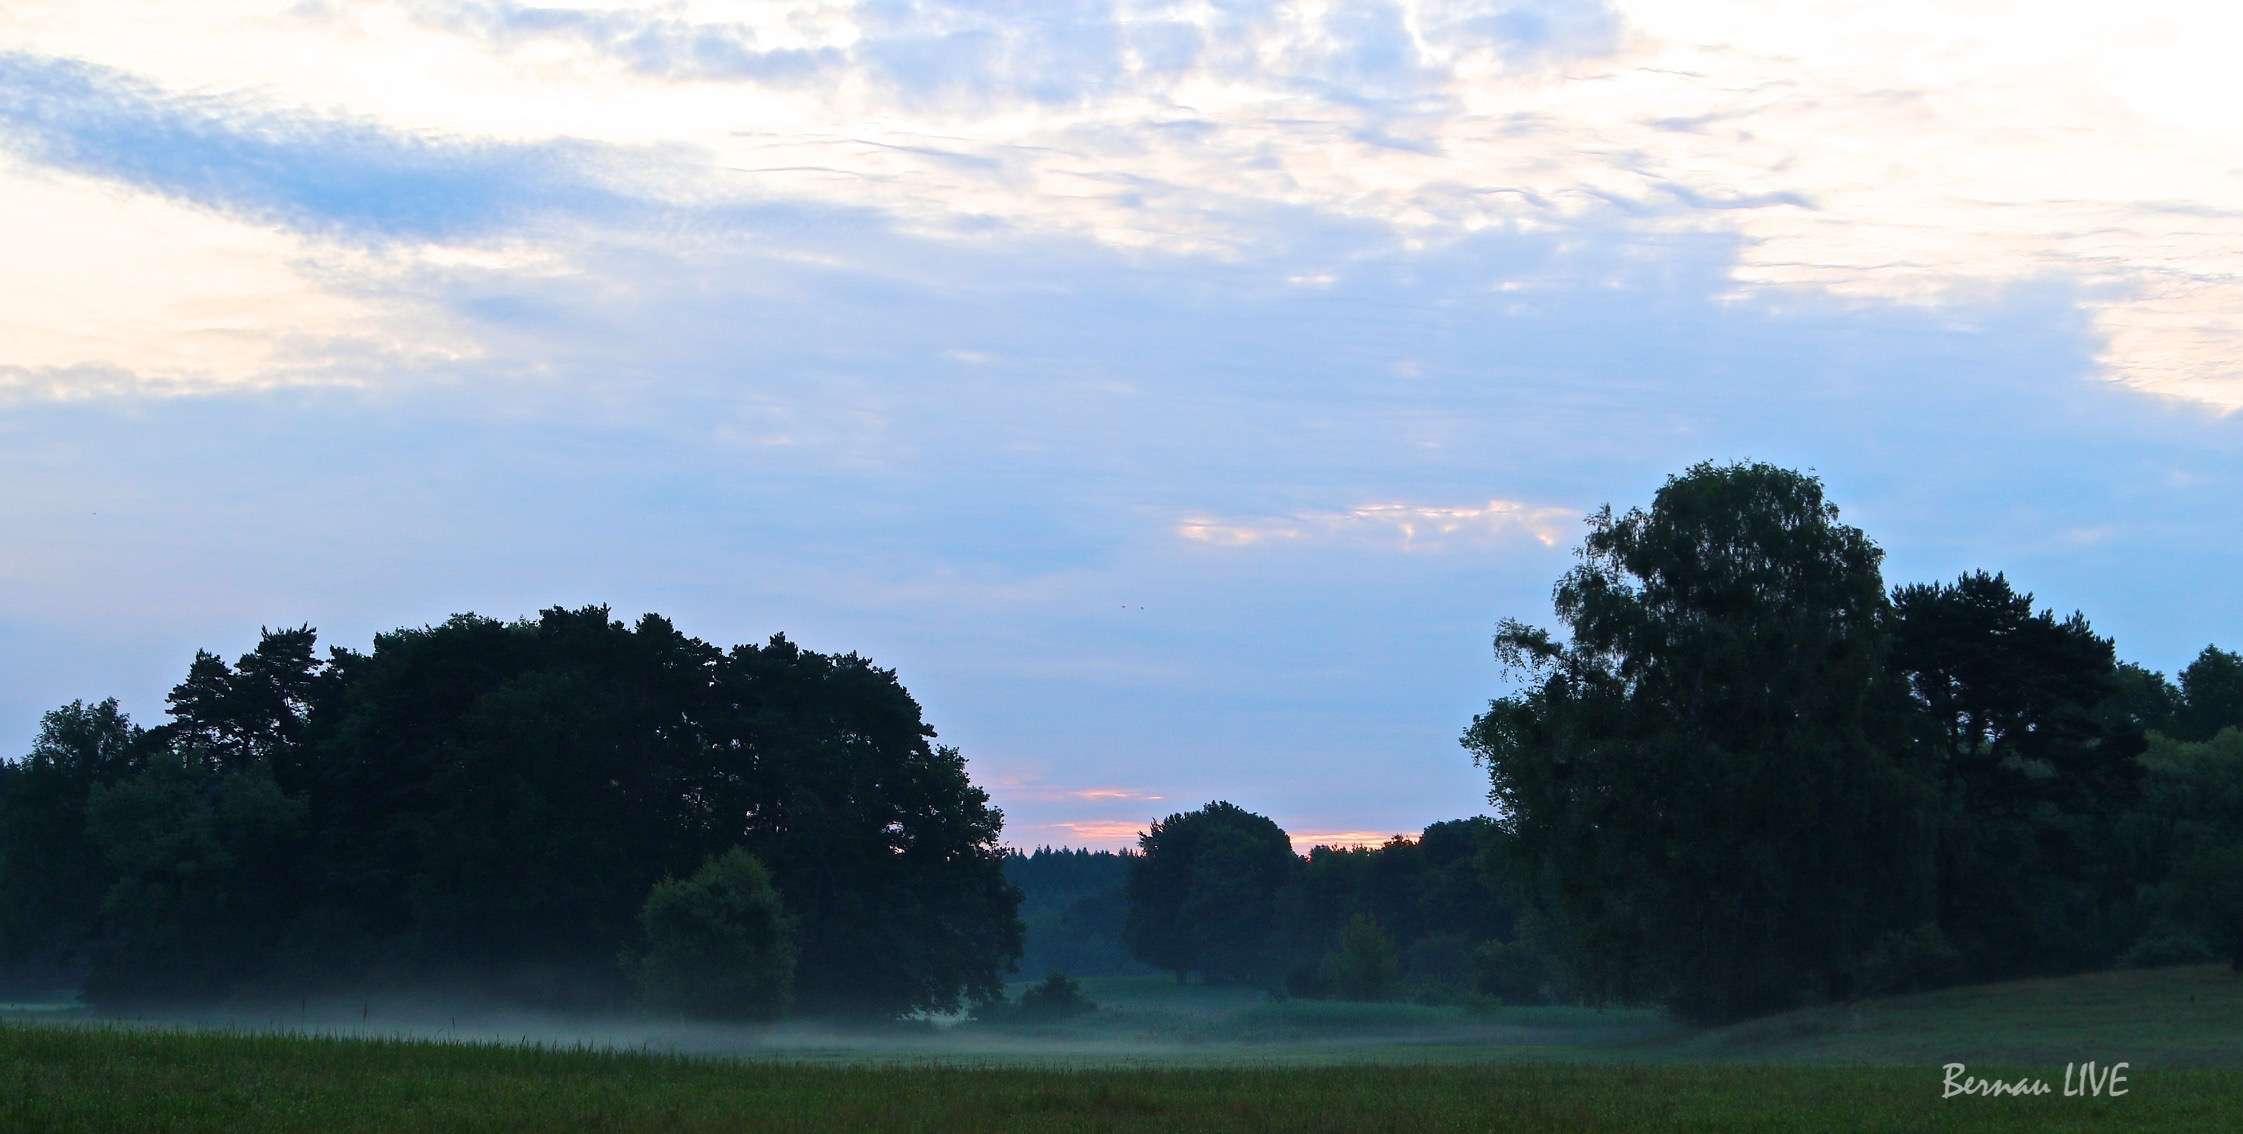 Bernau: Guten Morgen, zusammen und einen schönen Dienstag -